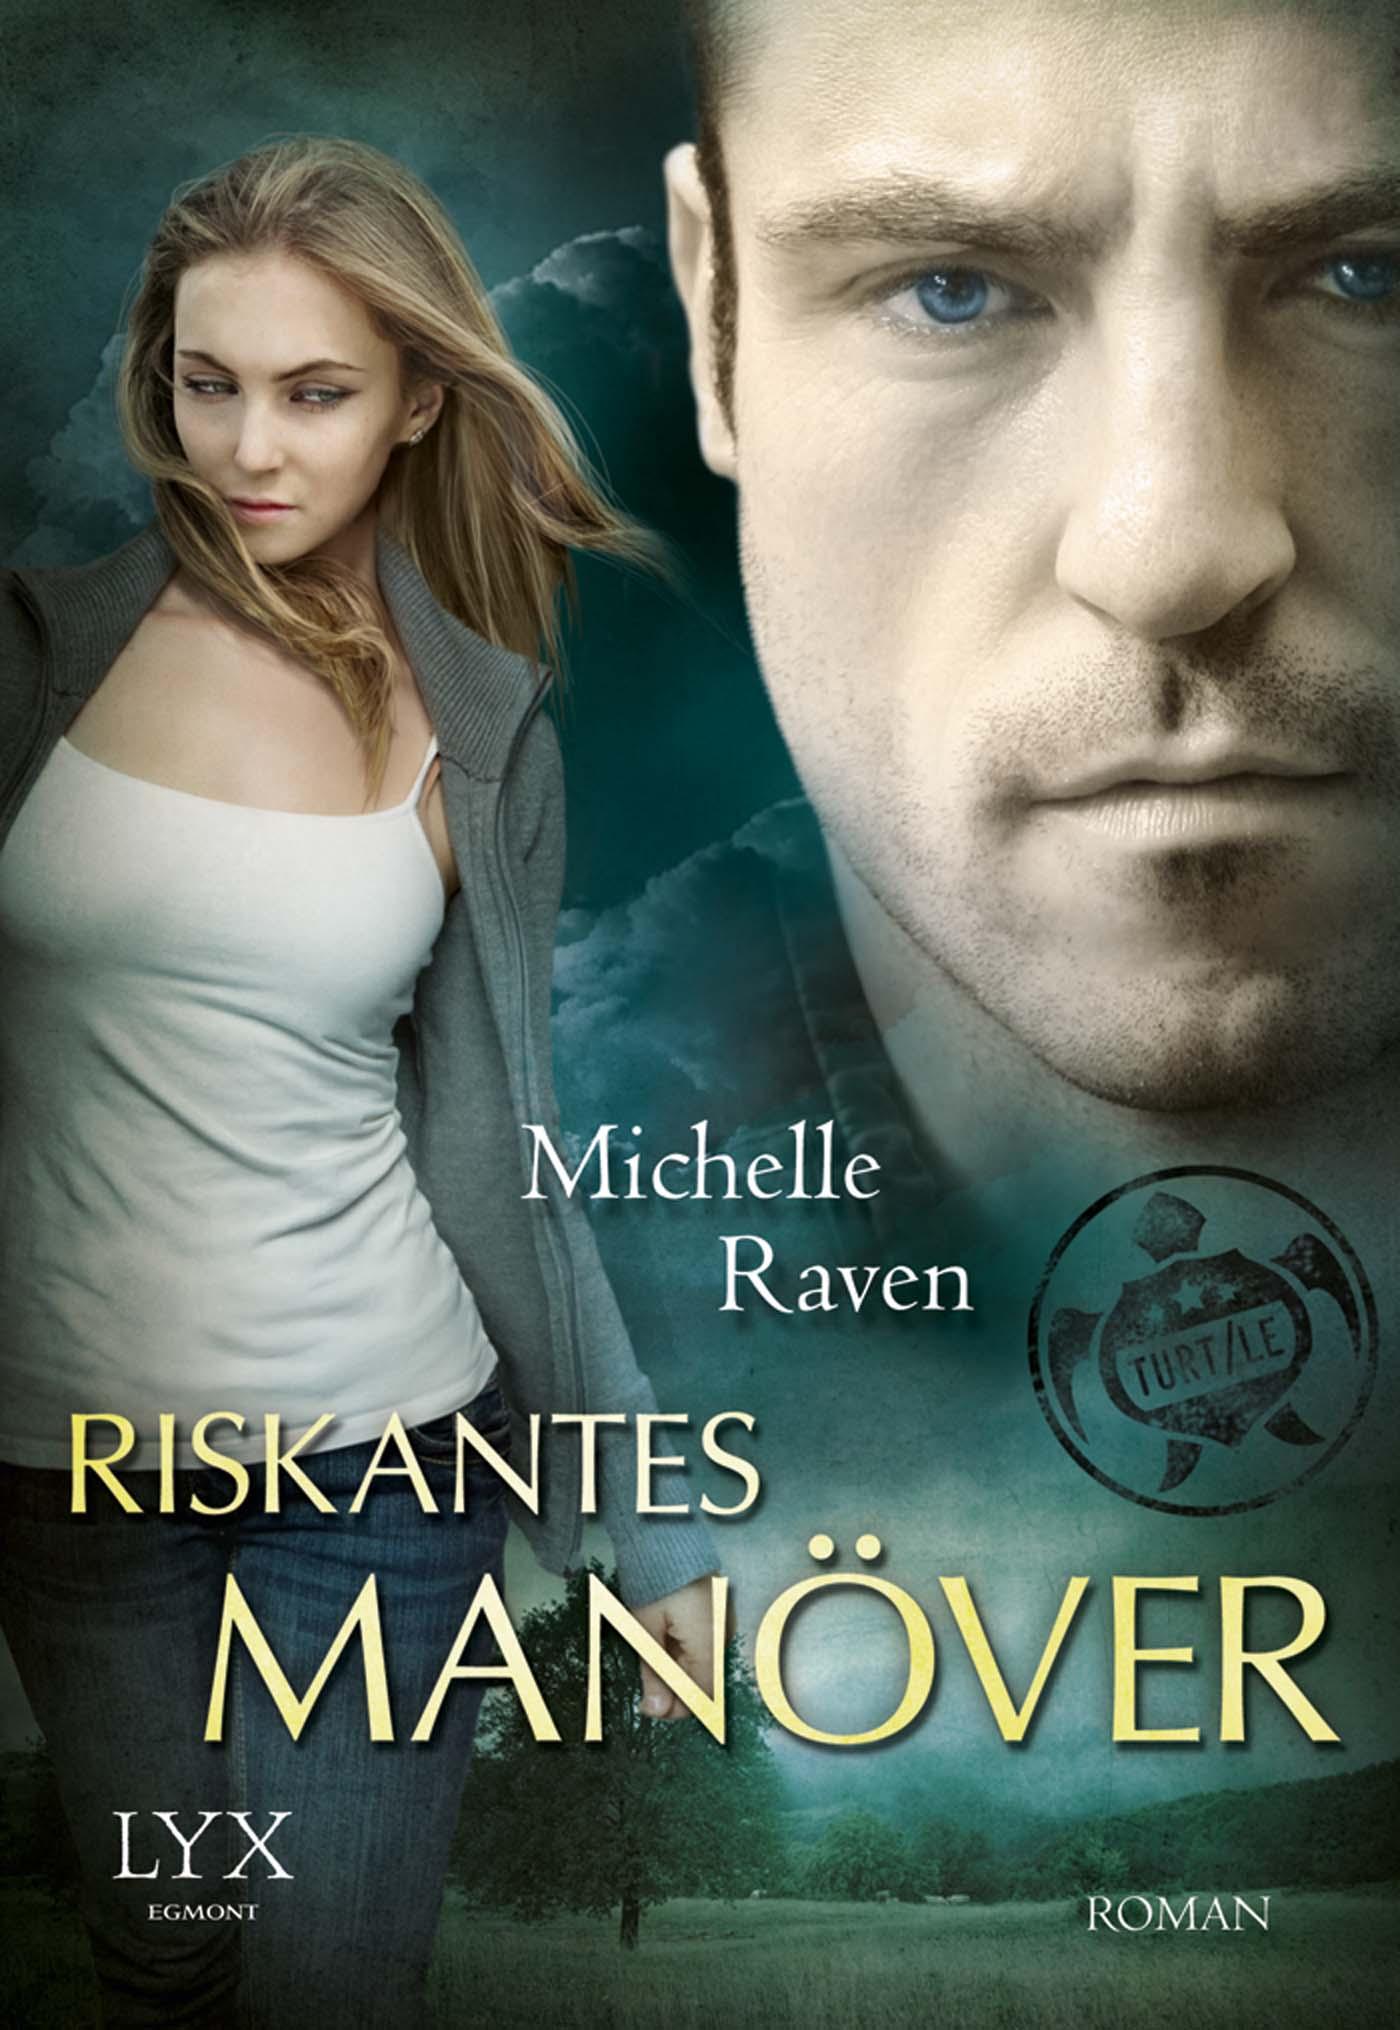 TURT/LE: Riskantes Manöver - Raven, Michelle